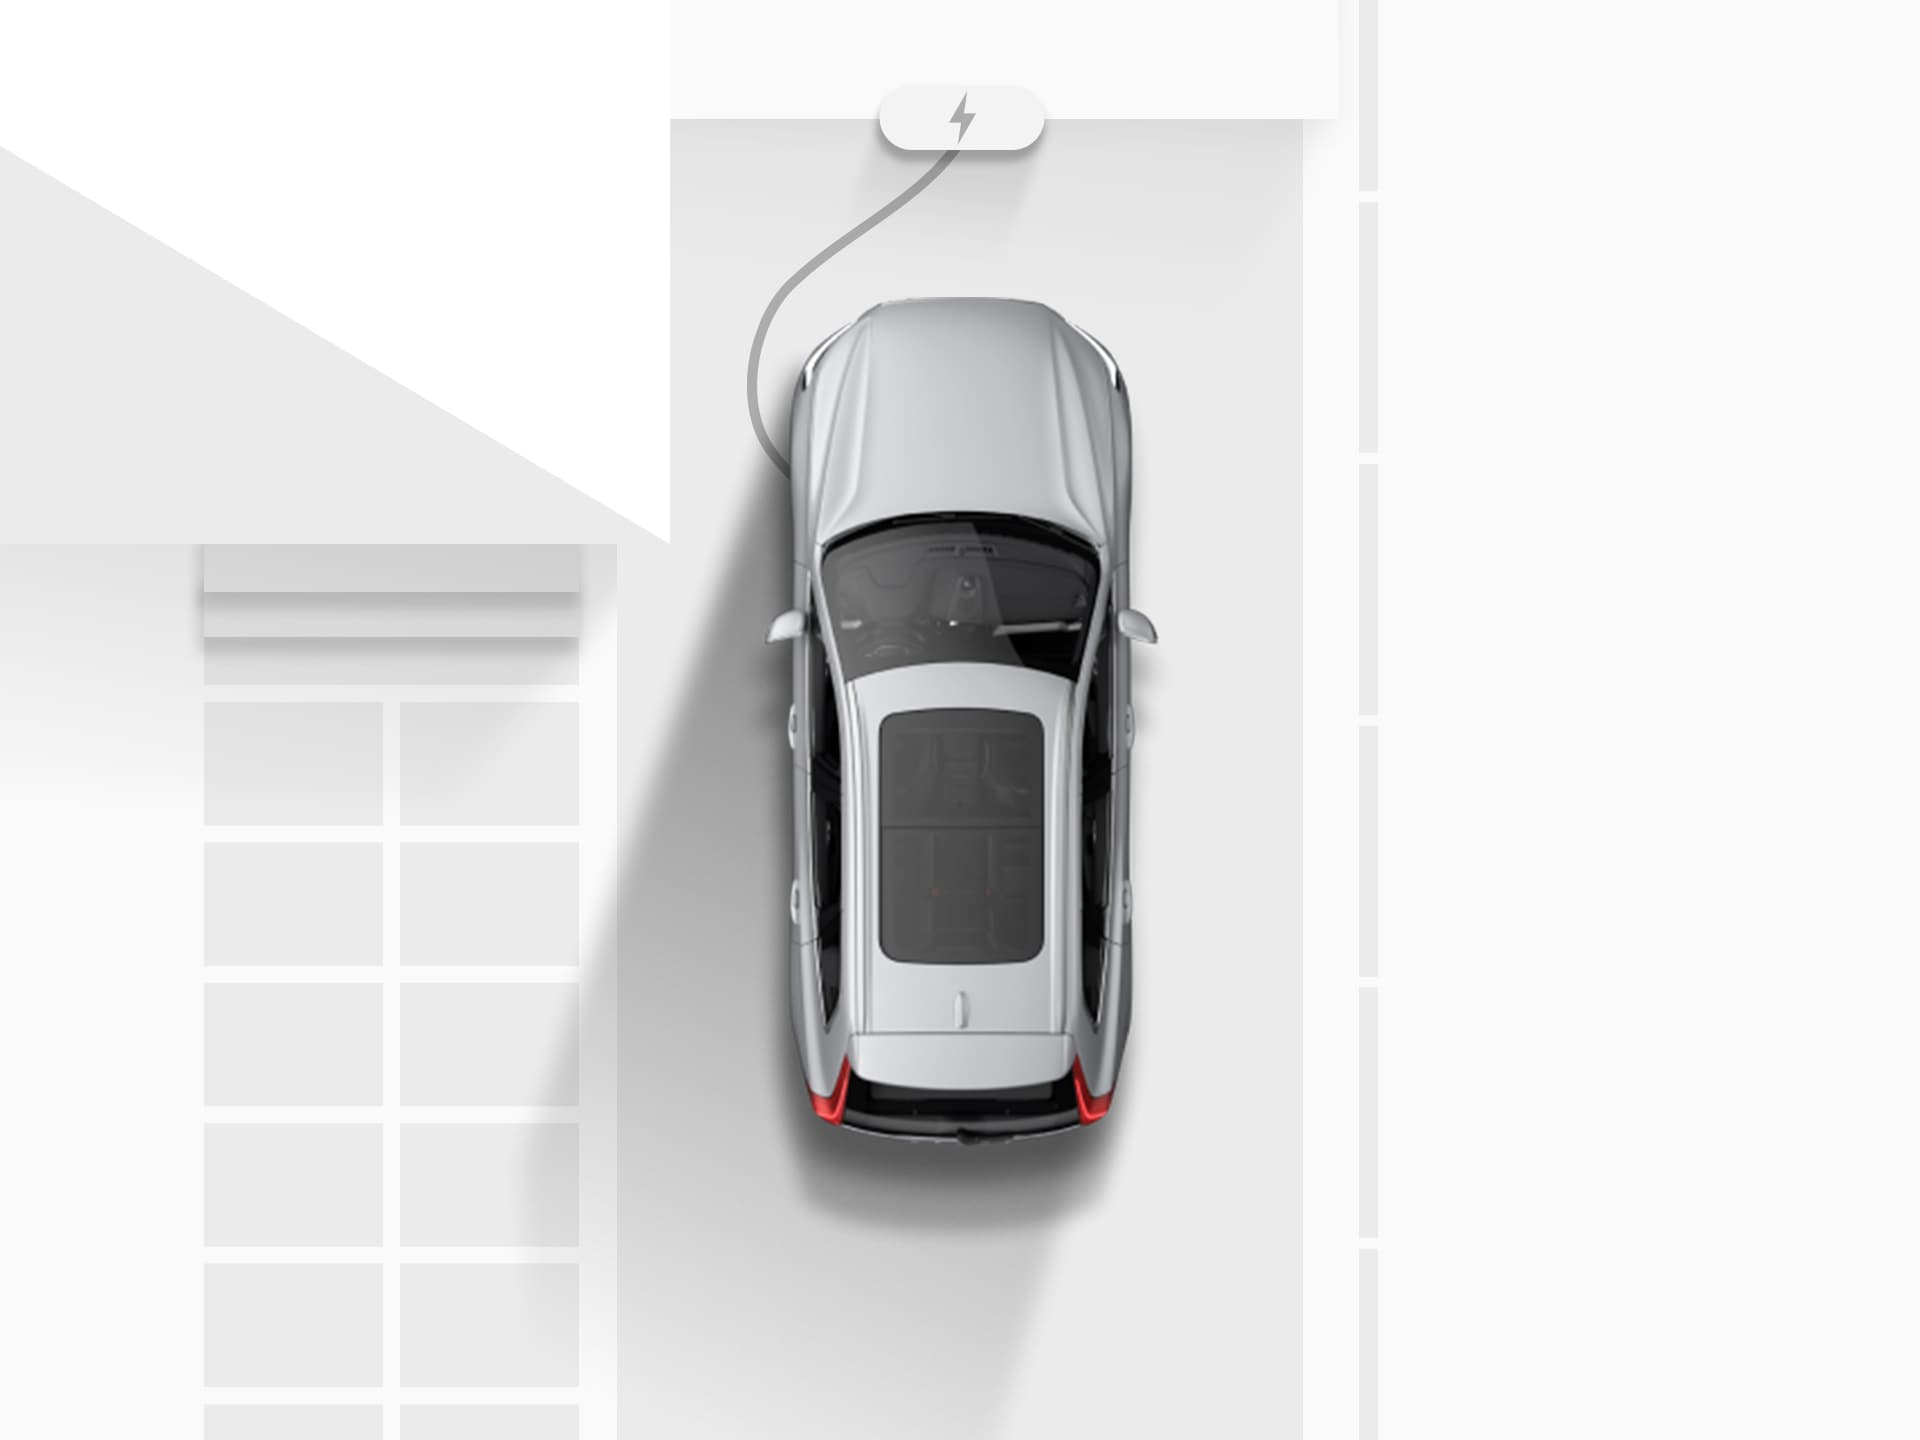 Digitalna risba priključenega srebrnega SUV-ja Volva XC40 Recharge, ki se polni na domačem dovozu, iz ptičje perspektive.